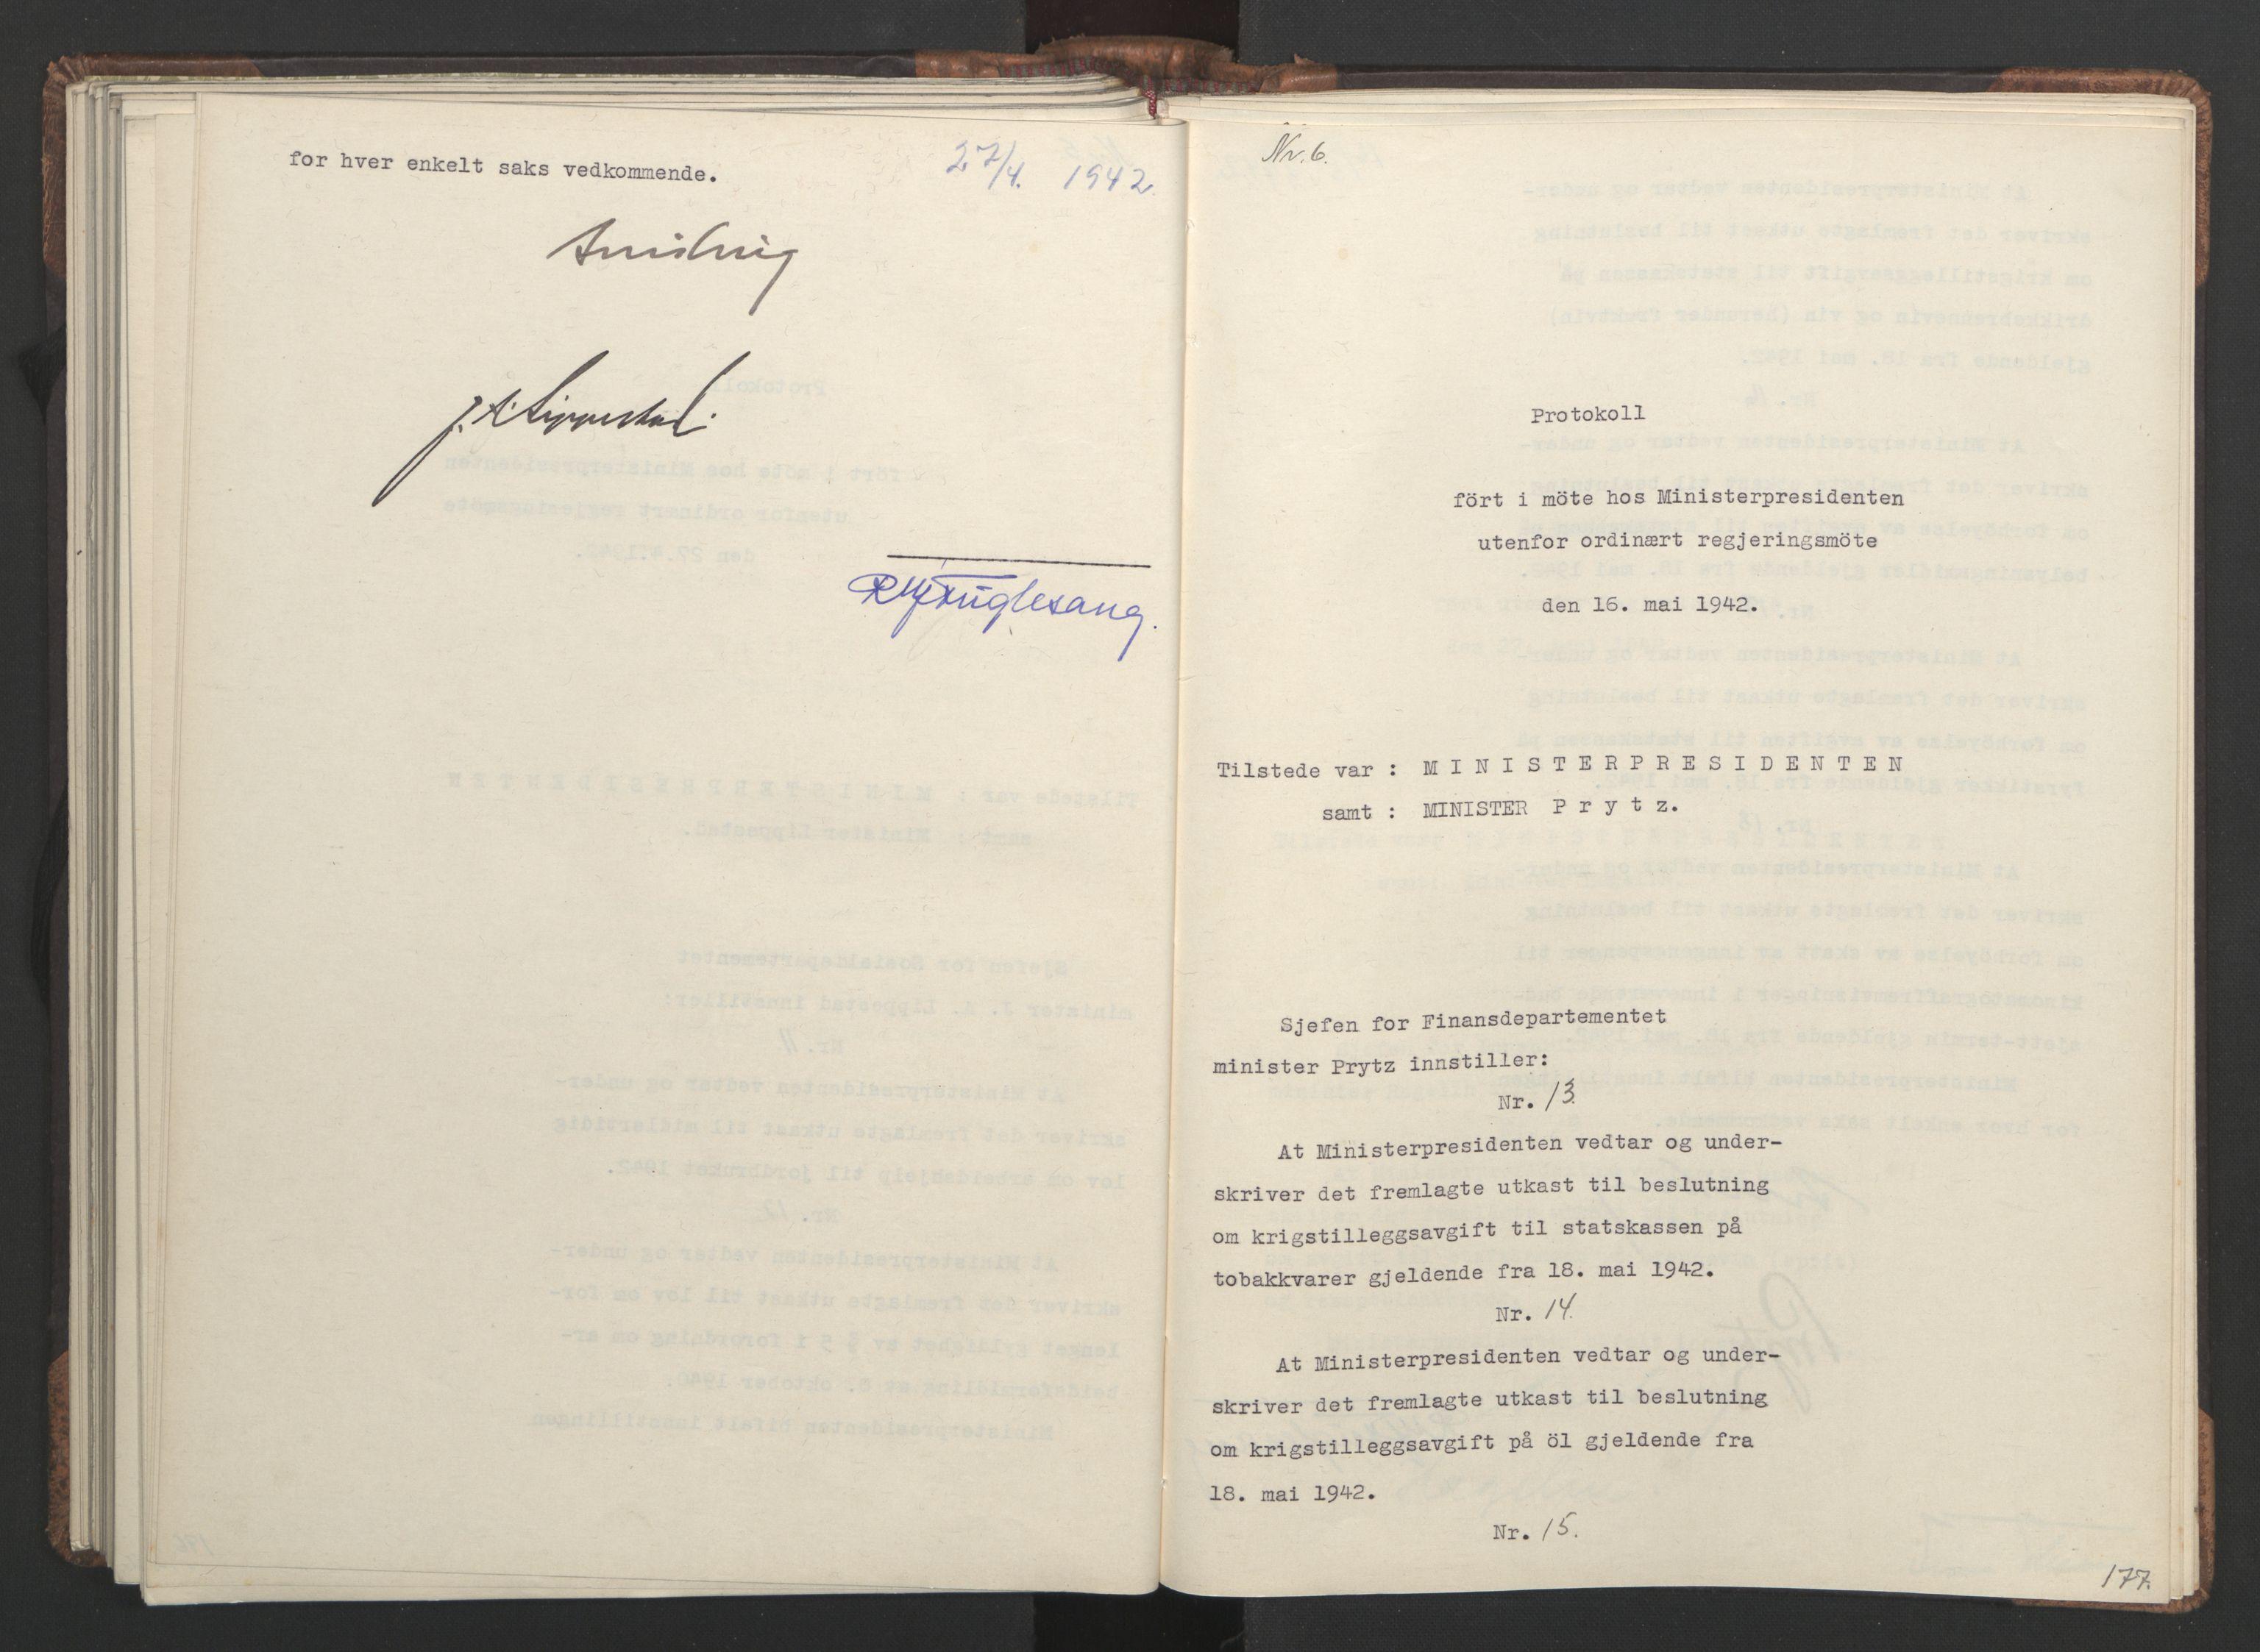 RA, NS-administrasjonen 1940-1945 (Statsrådsekretariatet, de kommisariske statsråder mm), D/Da/L0001: Beslutninger og tillegg (1-952 og 1-32), 1942, s. 176b-177a